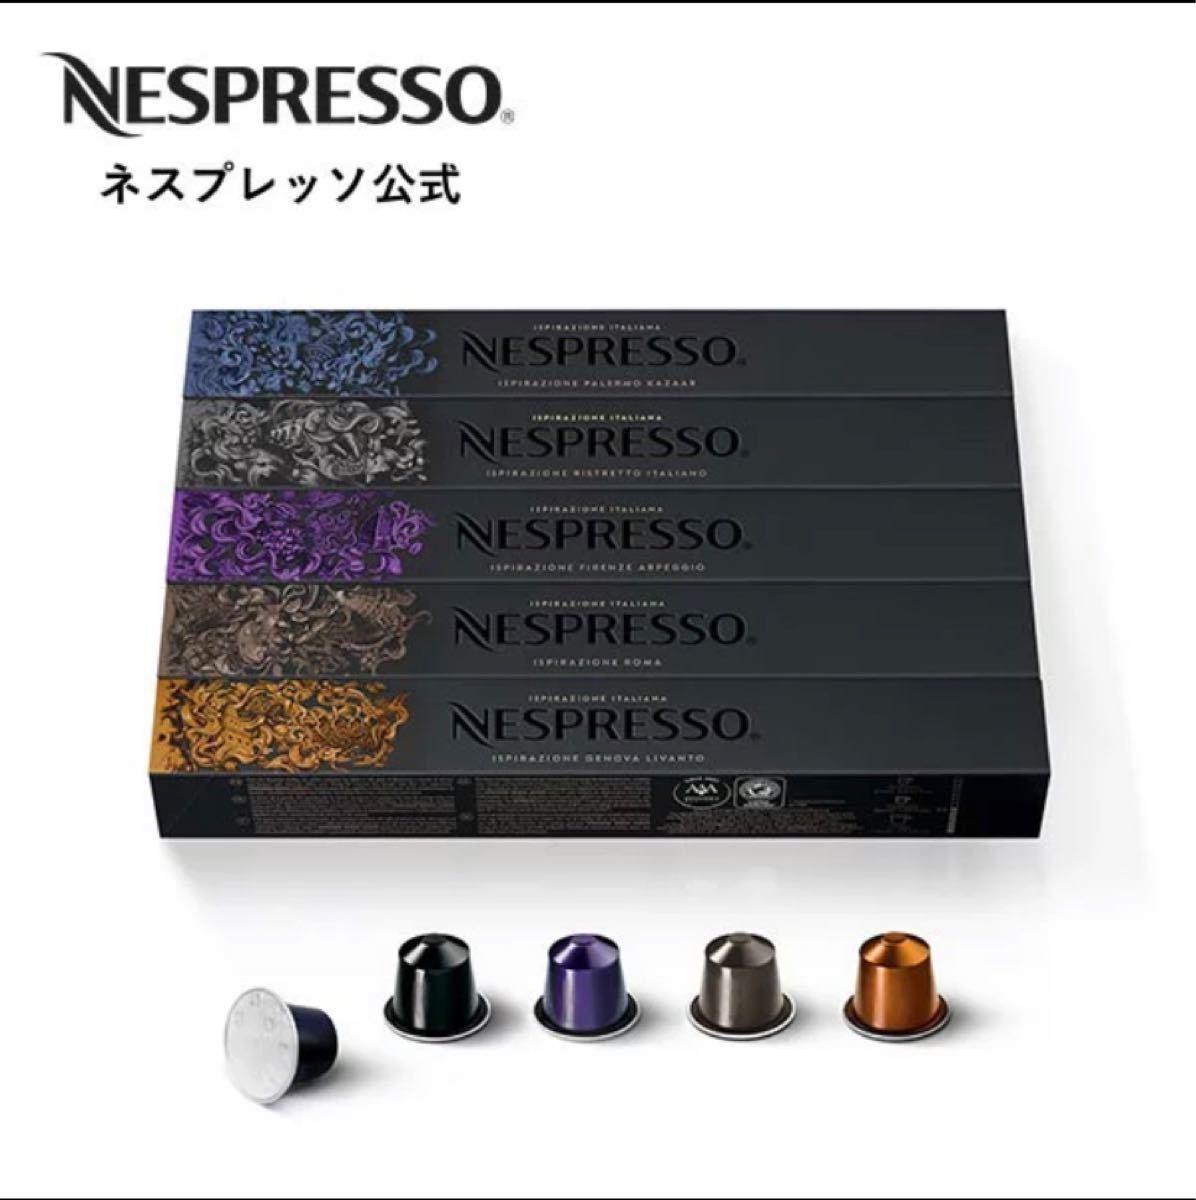 ネスプレッソ インテンス コーヒーセット 5種(50杯分)オリジナル専用カプセル